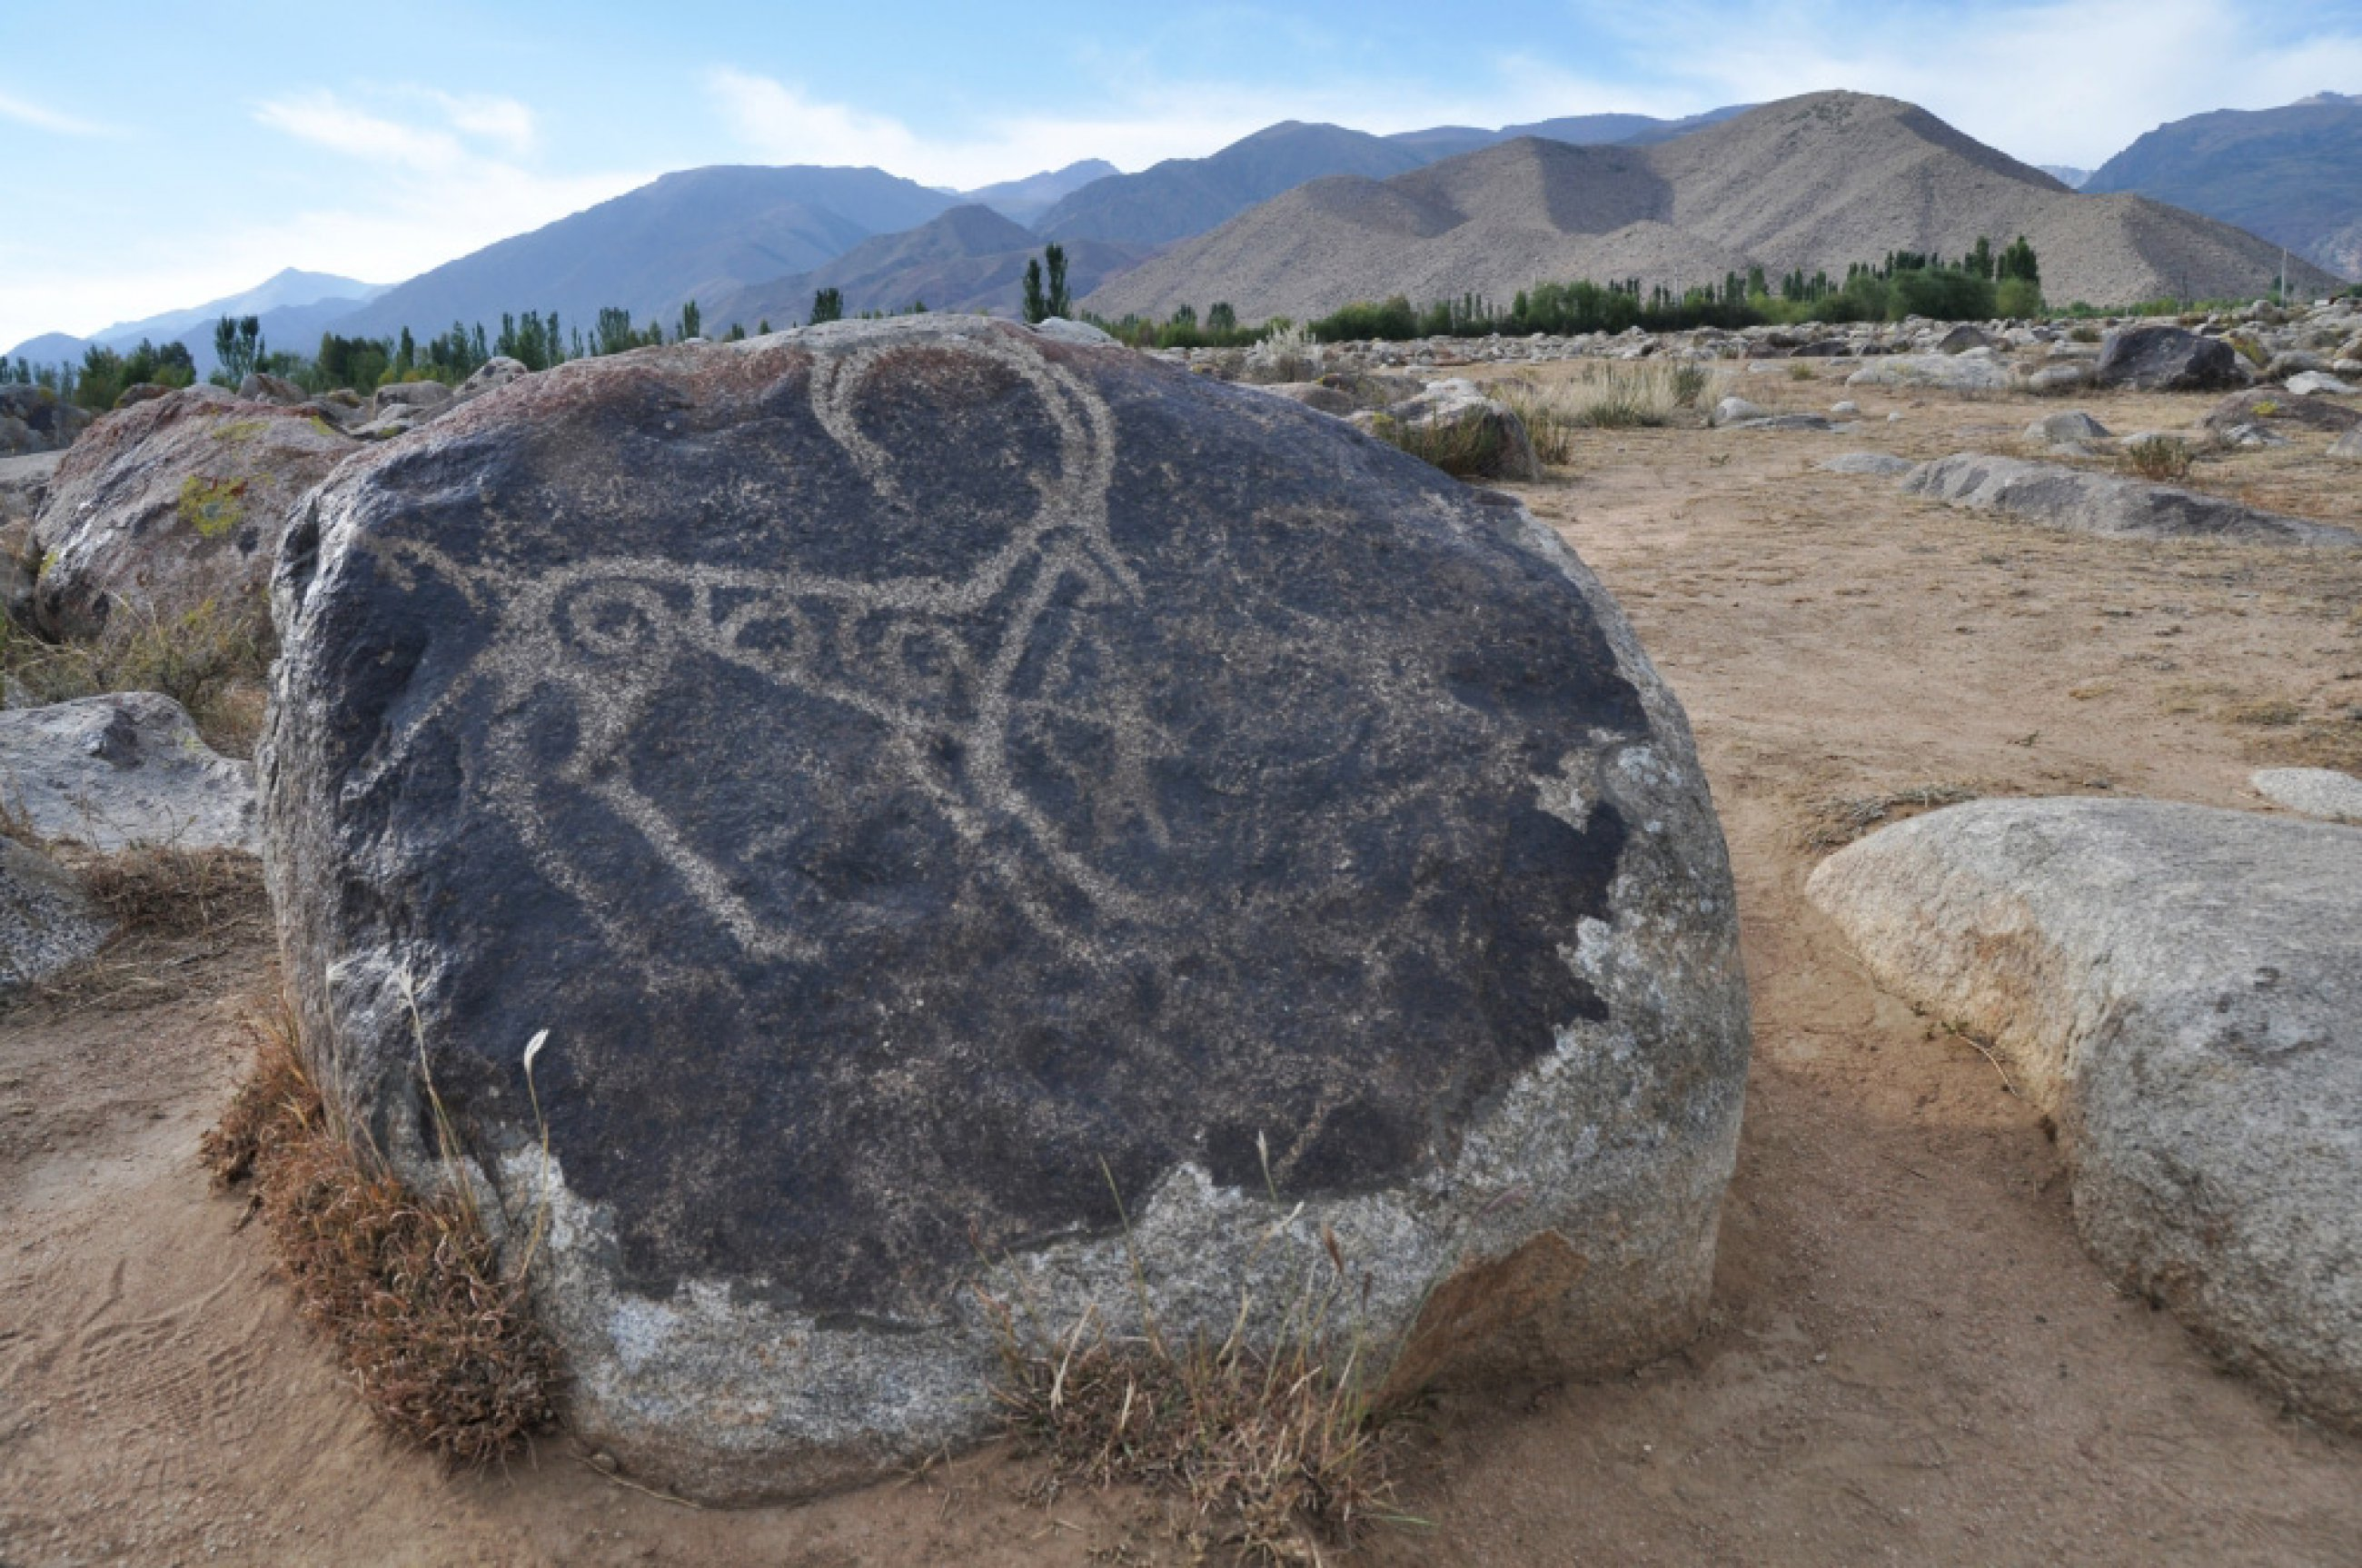 https://bubo.sk/uploads/galleries/3470/kirgizstan-15.jpg